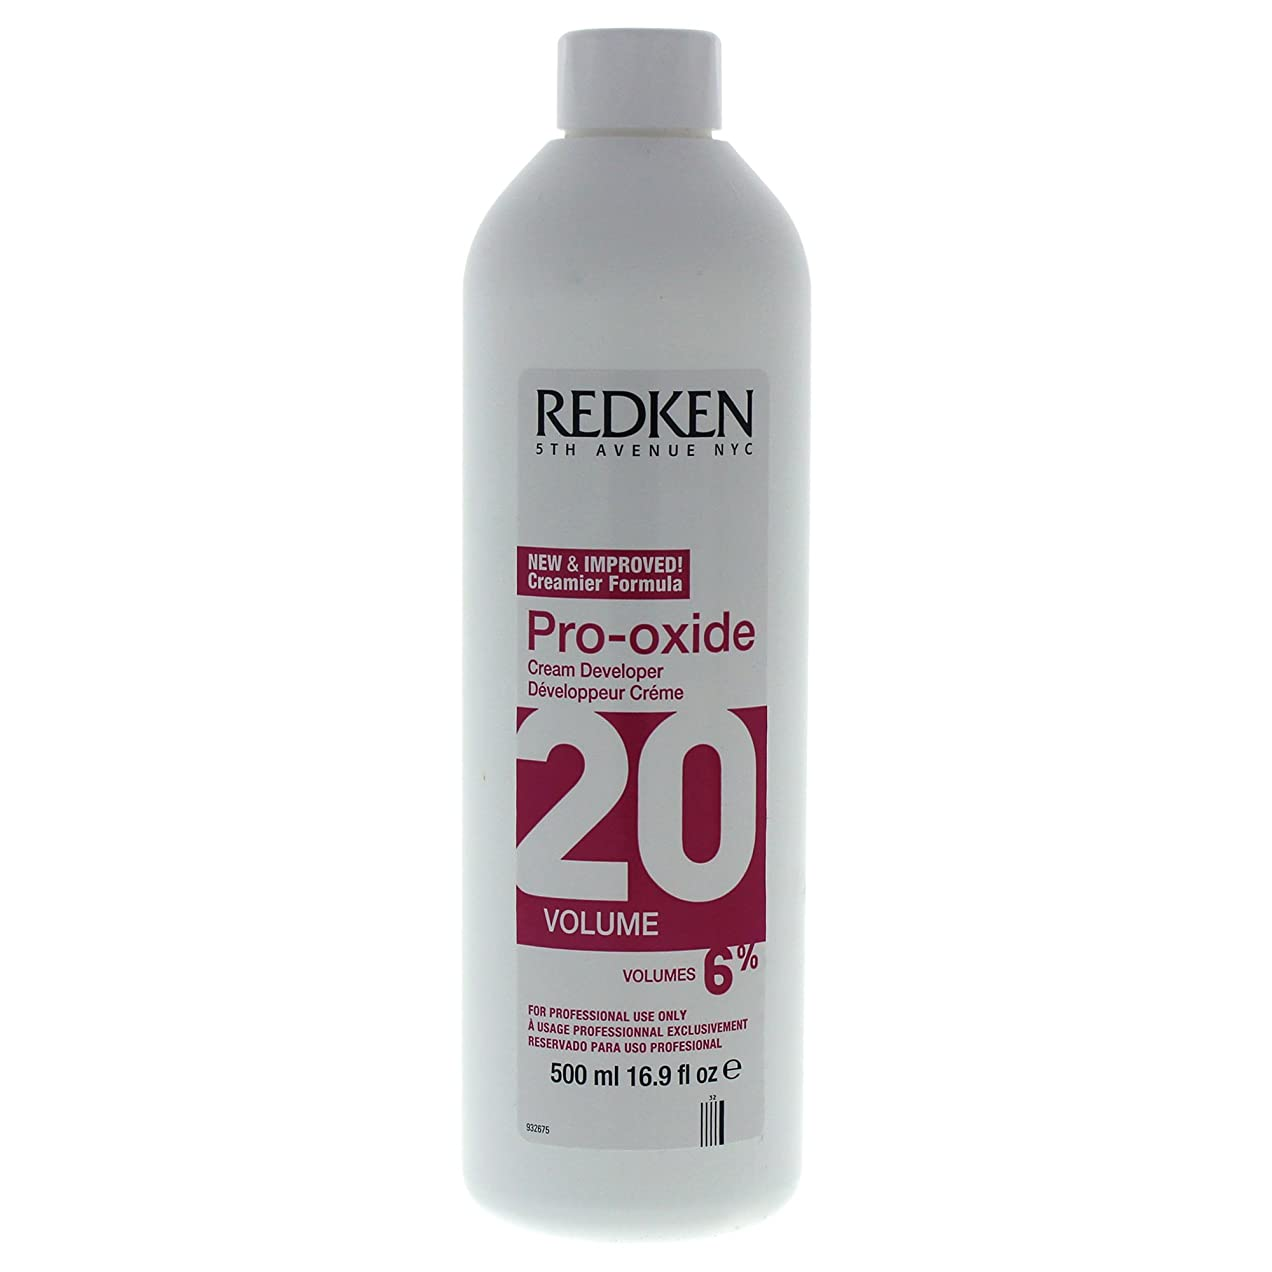 失われた桁静的Pro-Oxide Cream Developer 20 Volume